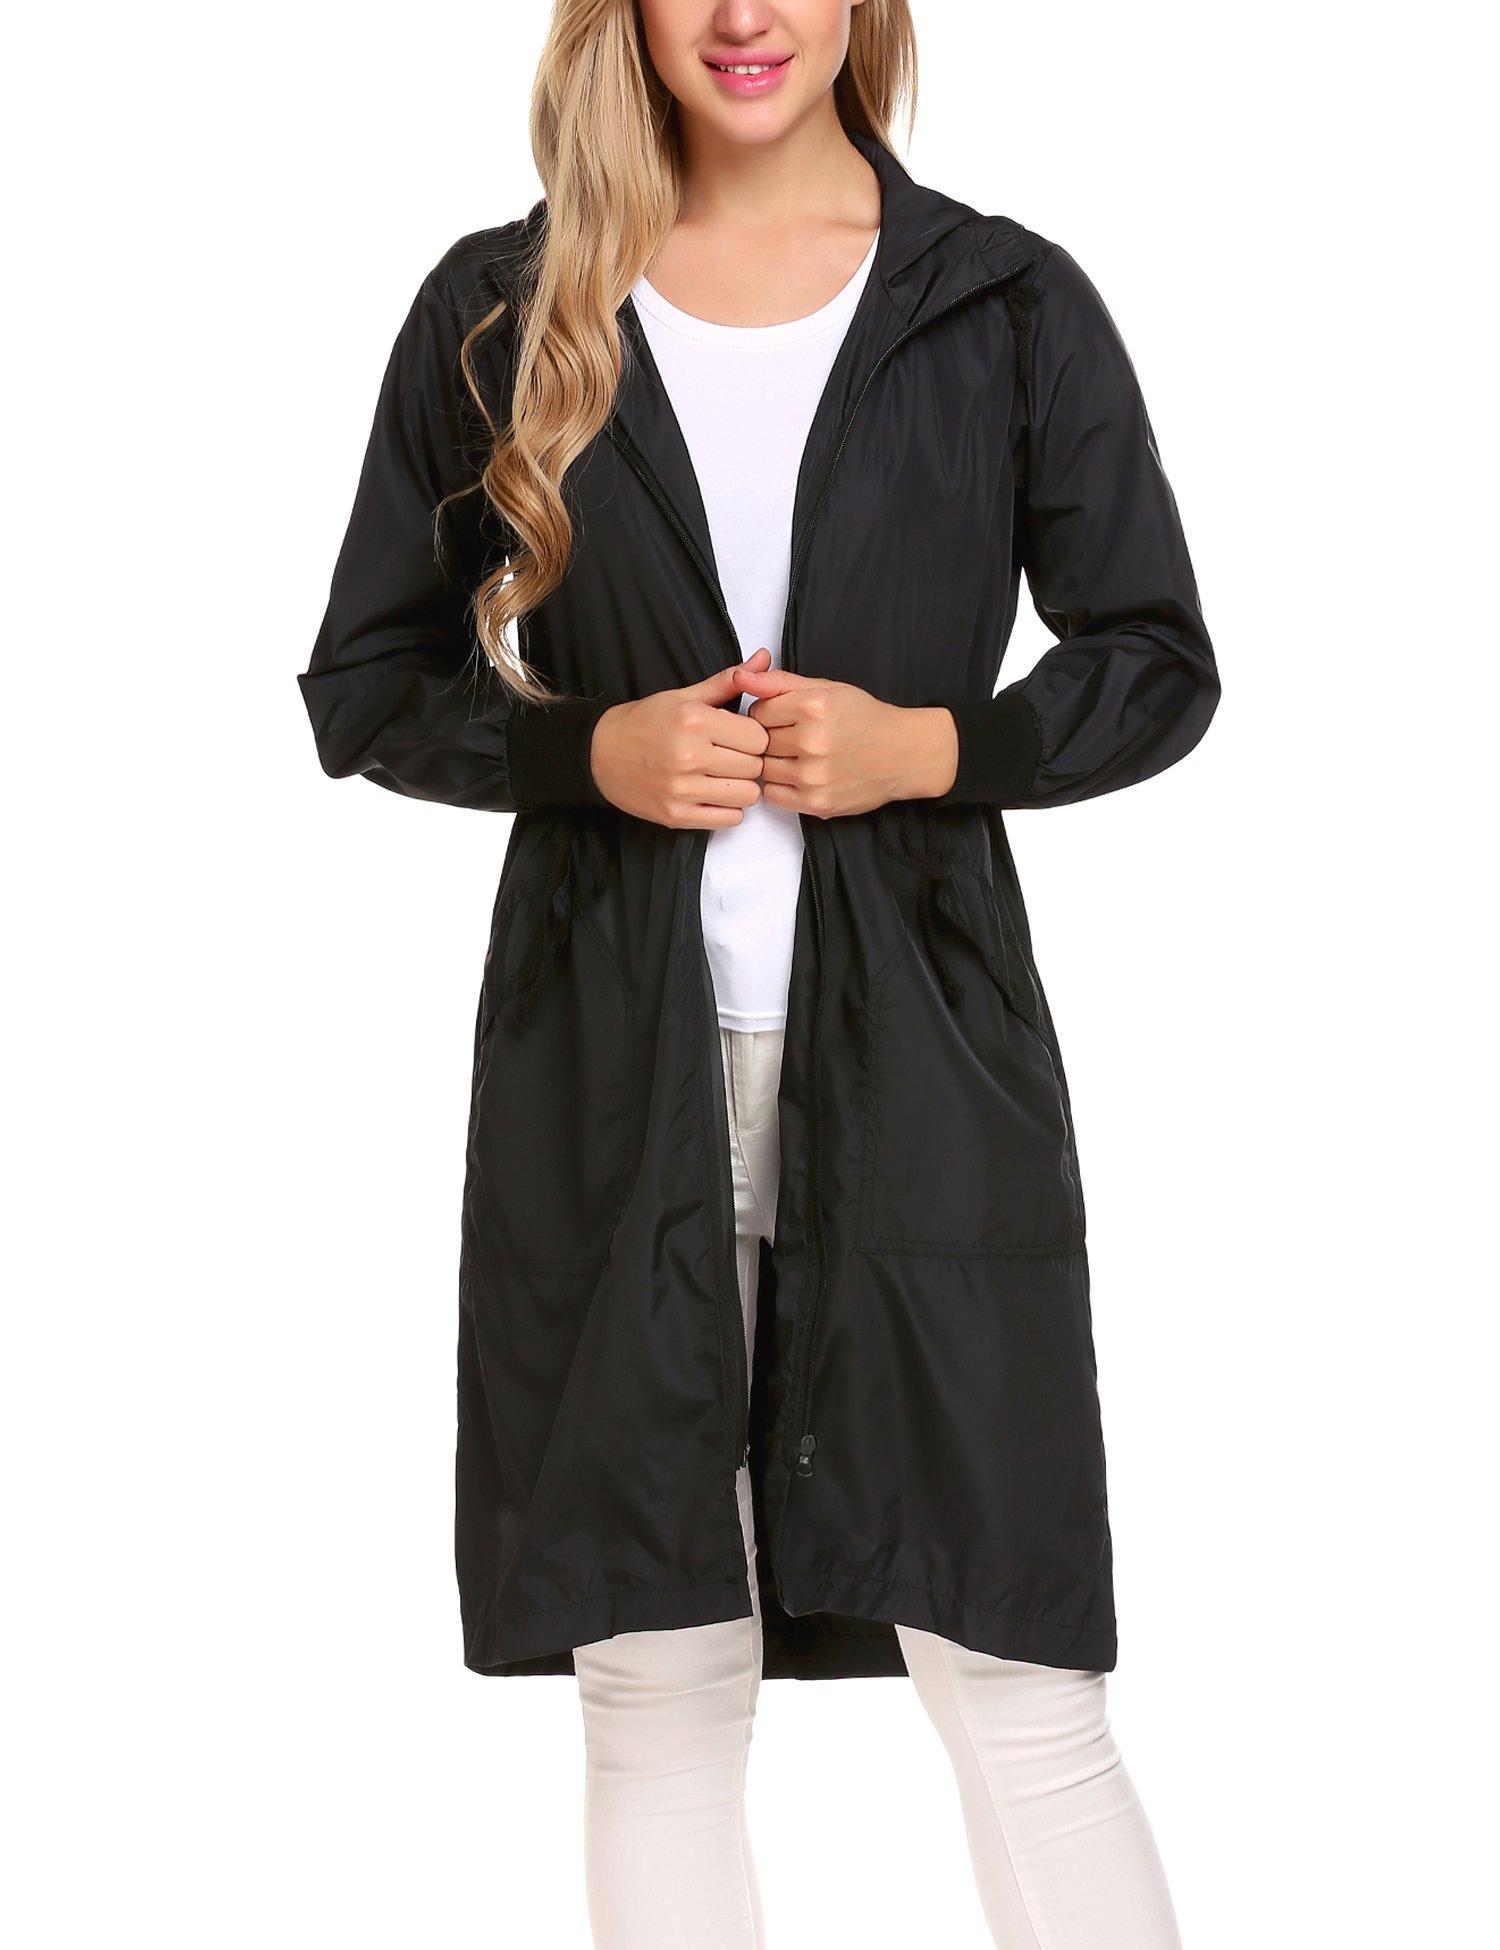 Zeagoo Women's Waterproof Front-Zip Lightweight Hoodie Hiking Cycling Outdoor Raincoat Active Jacket,Black,XXL by Zeagoo (Image #3)